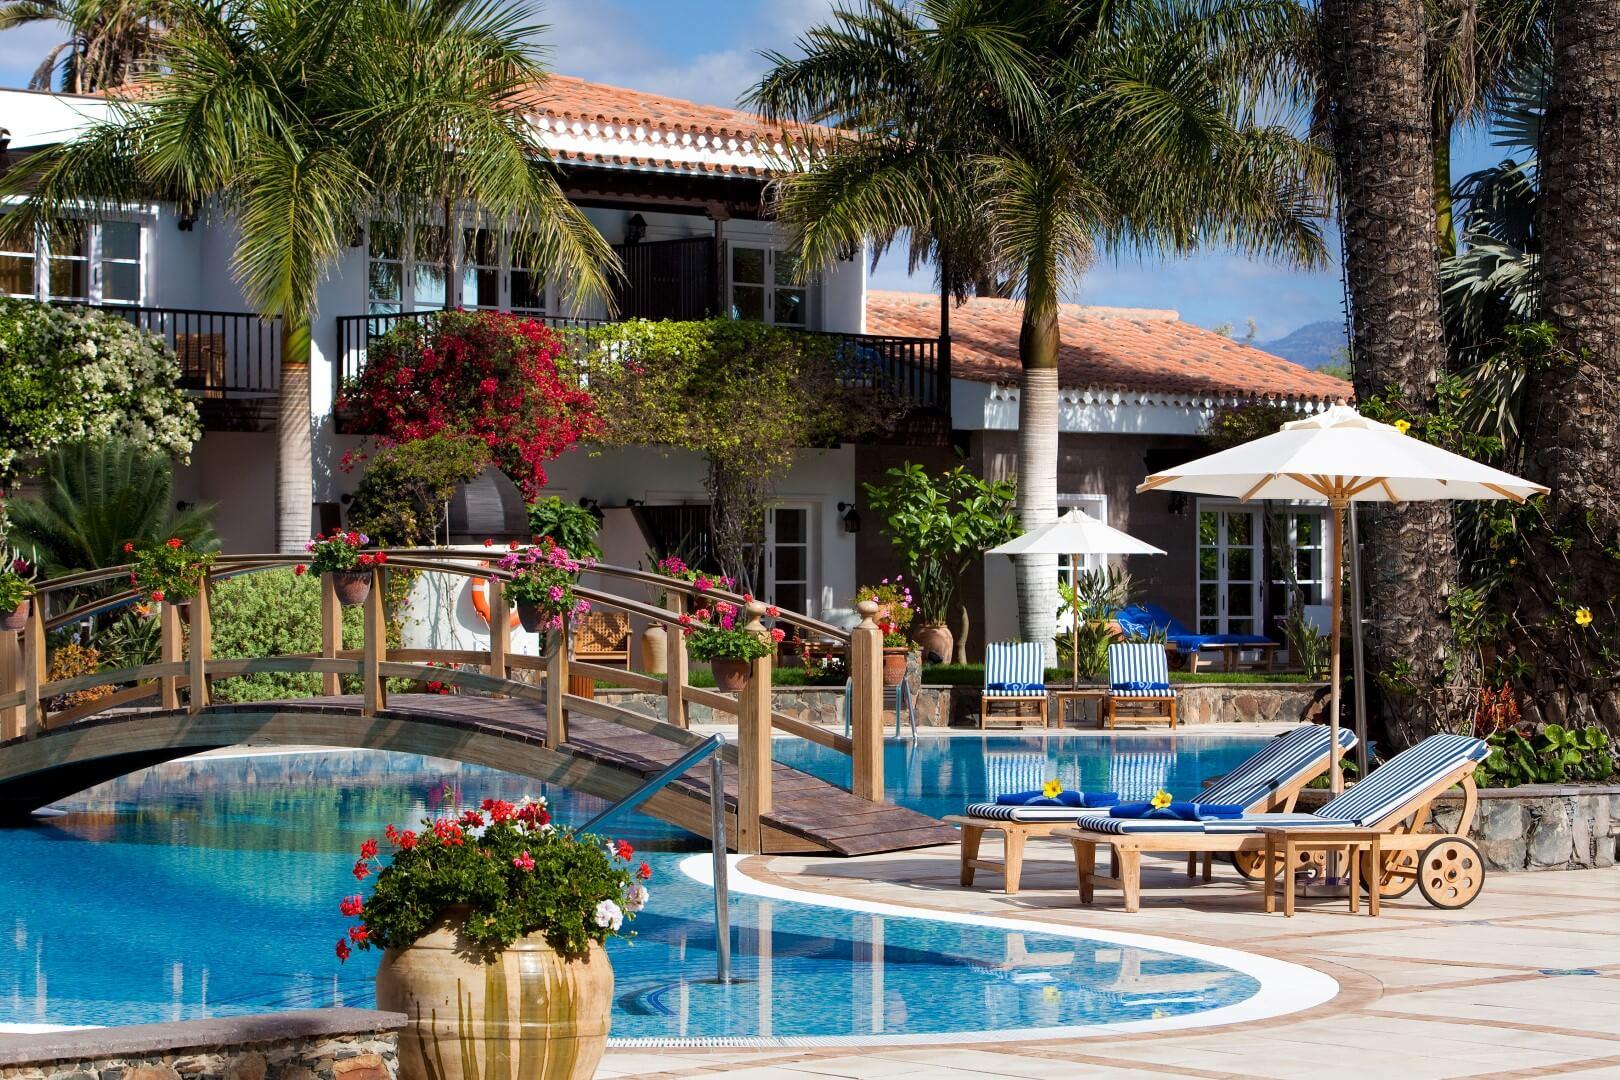 el precio de los hoteles en septiembre ser hasta un 43